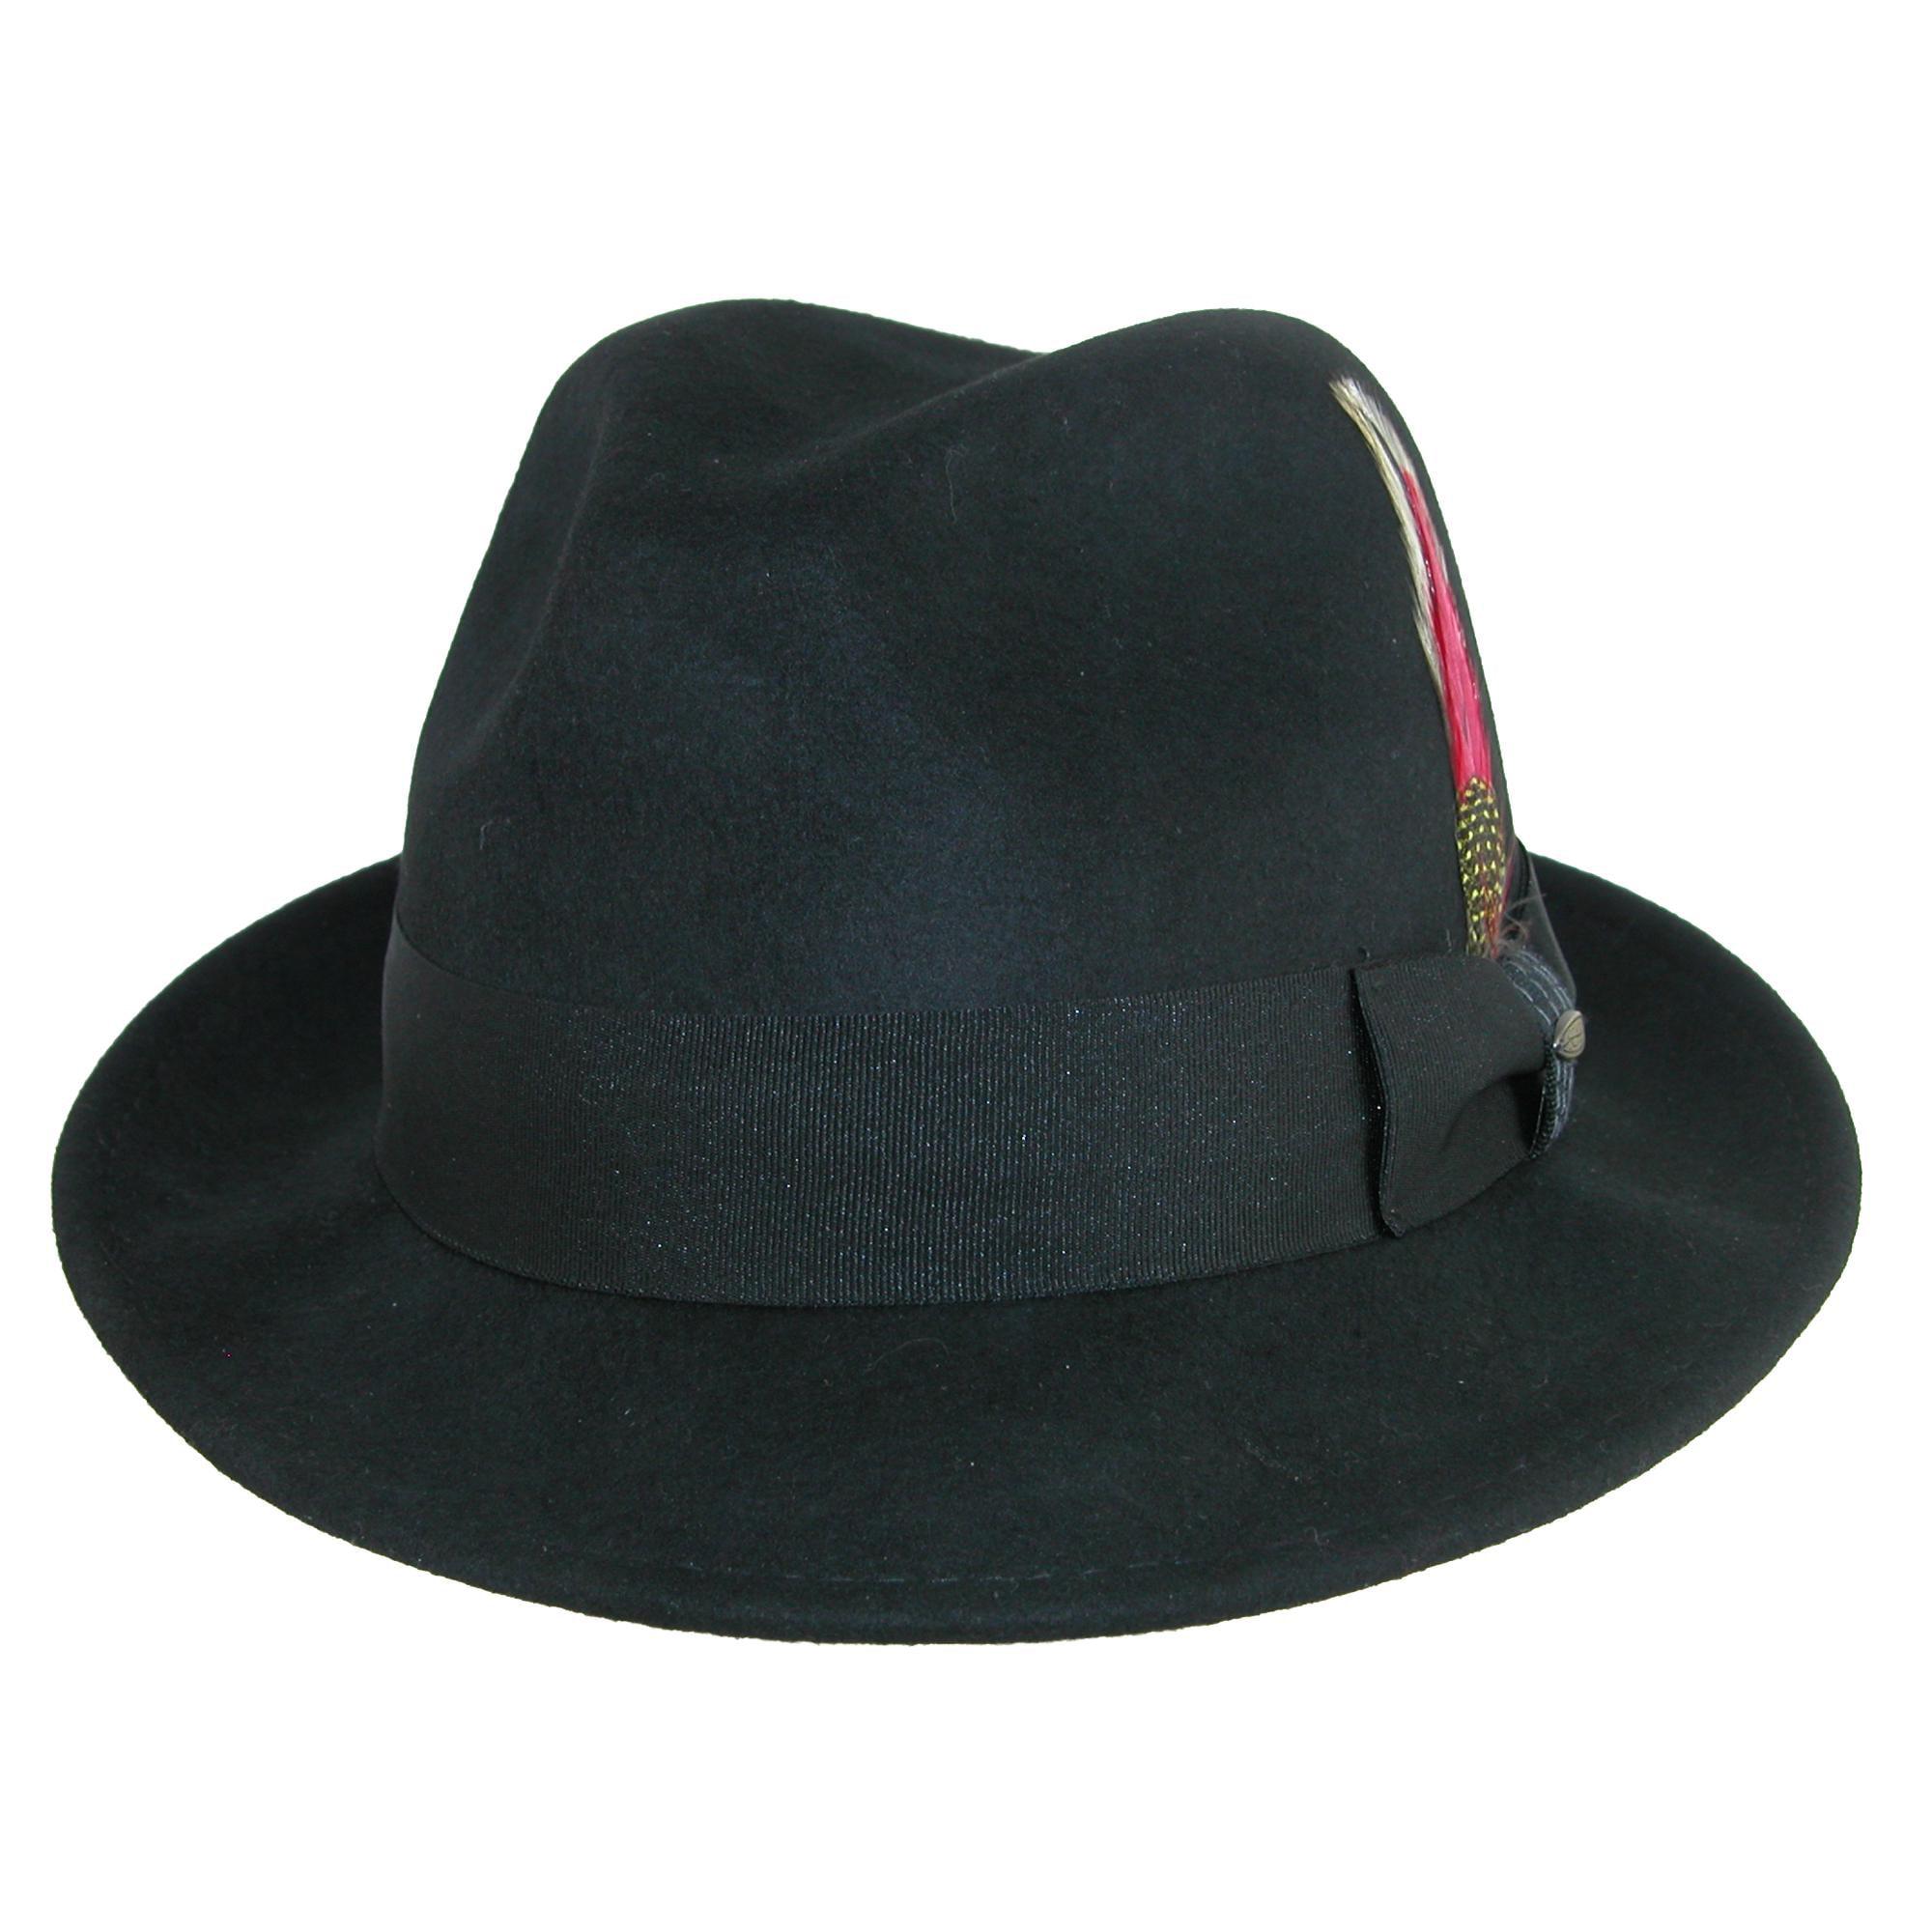 Scala Classico Men s Water Repellent Snap Brim Fedora Hat 19b8c0a18d1e